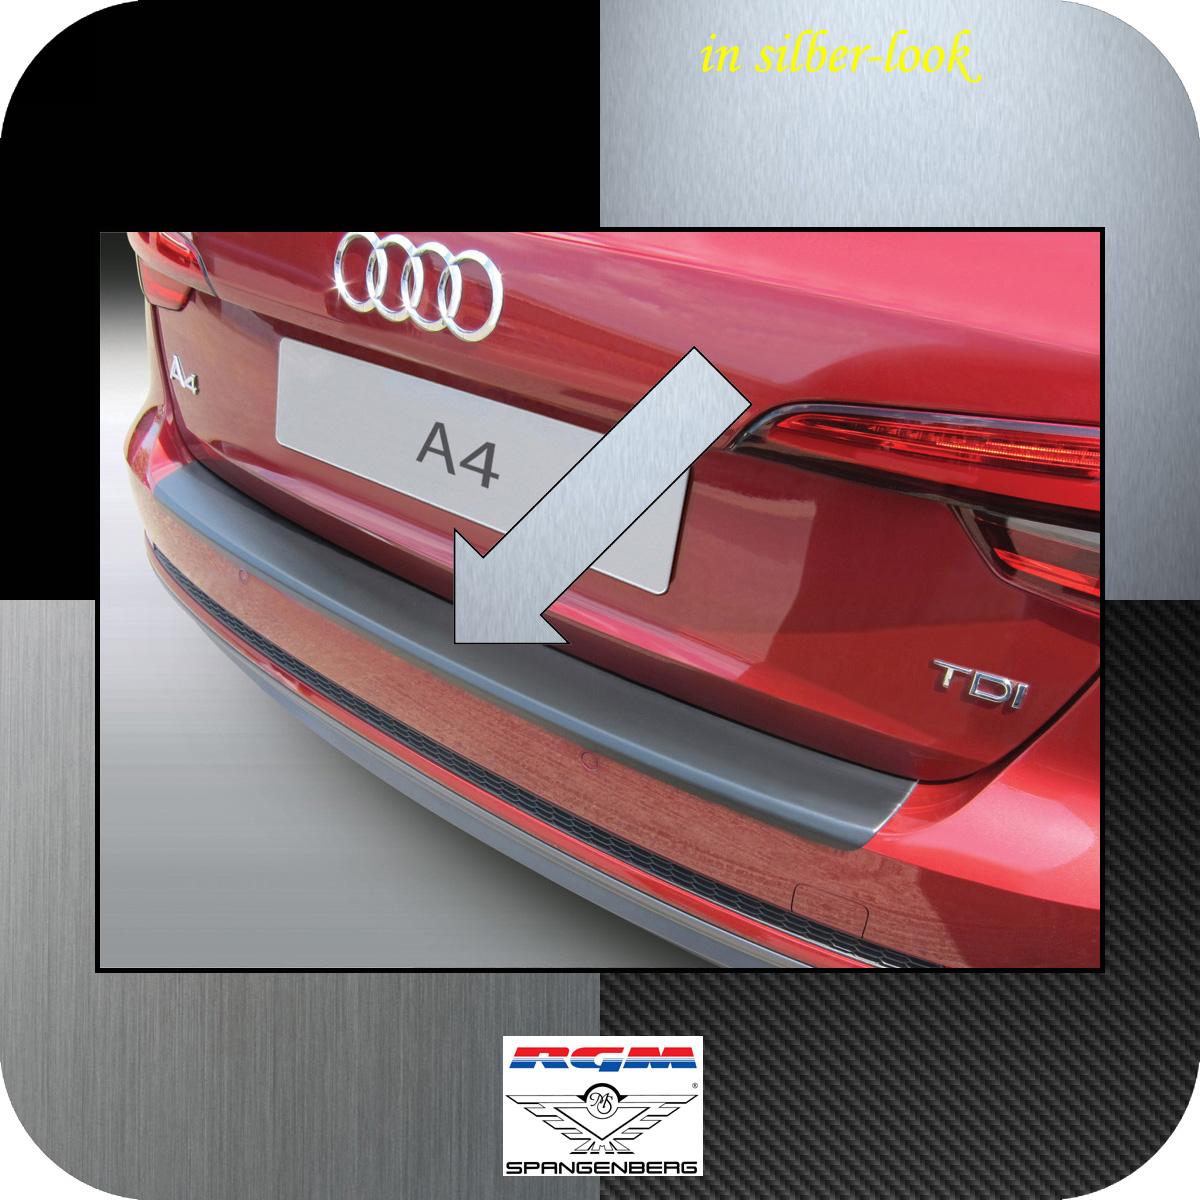 Ladekantenschutz Silber-Look Audi A4 B9 Avant auch S-Line 5-Türer 2015- 3506894